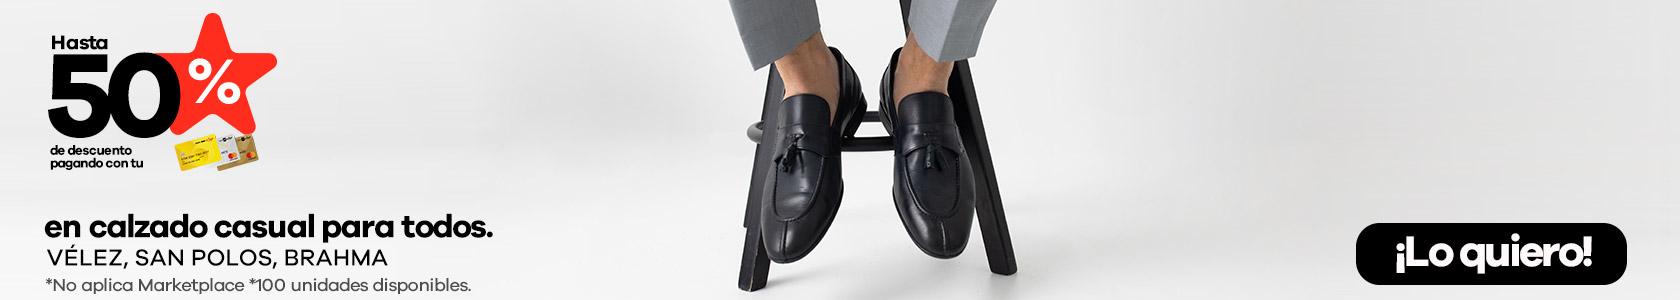 calzado casual